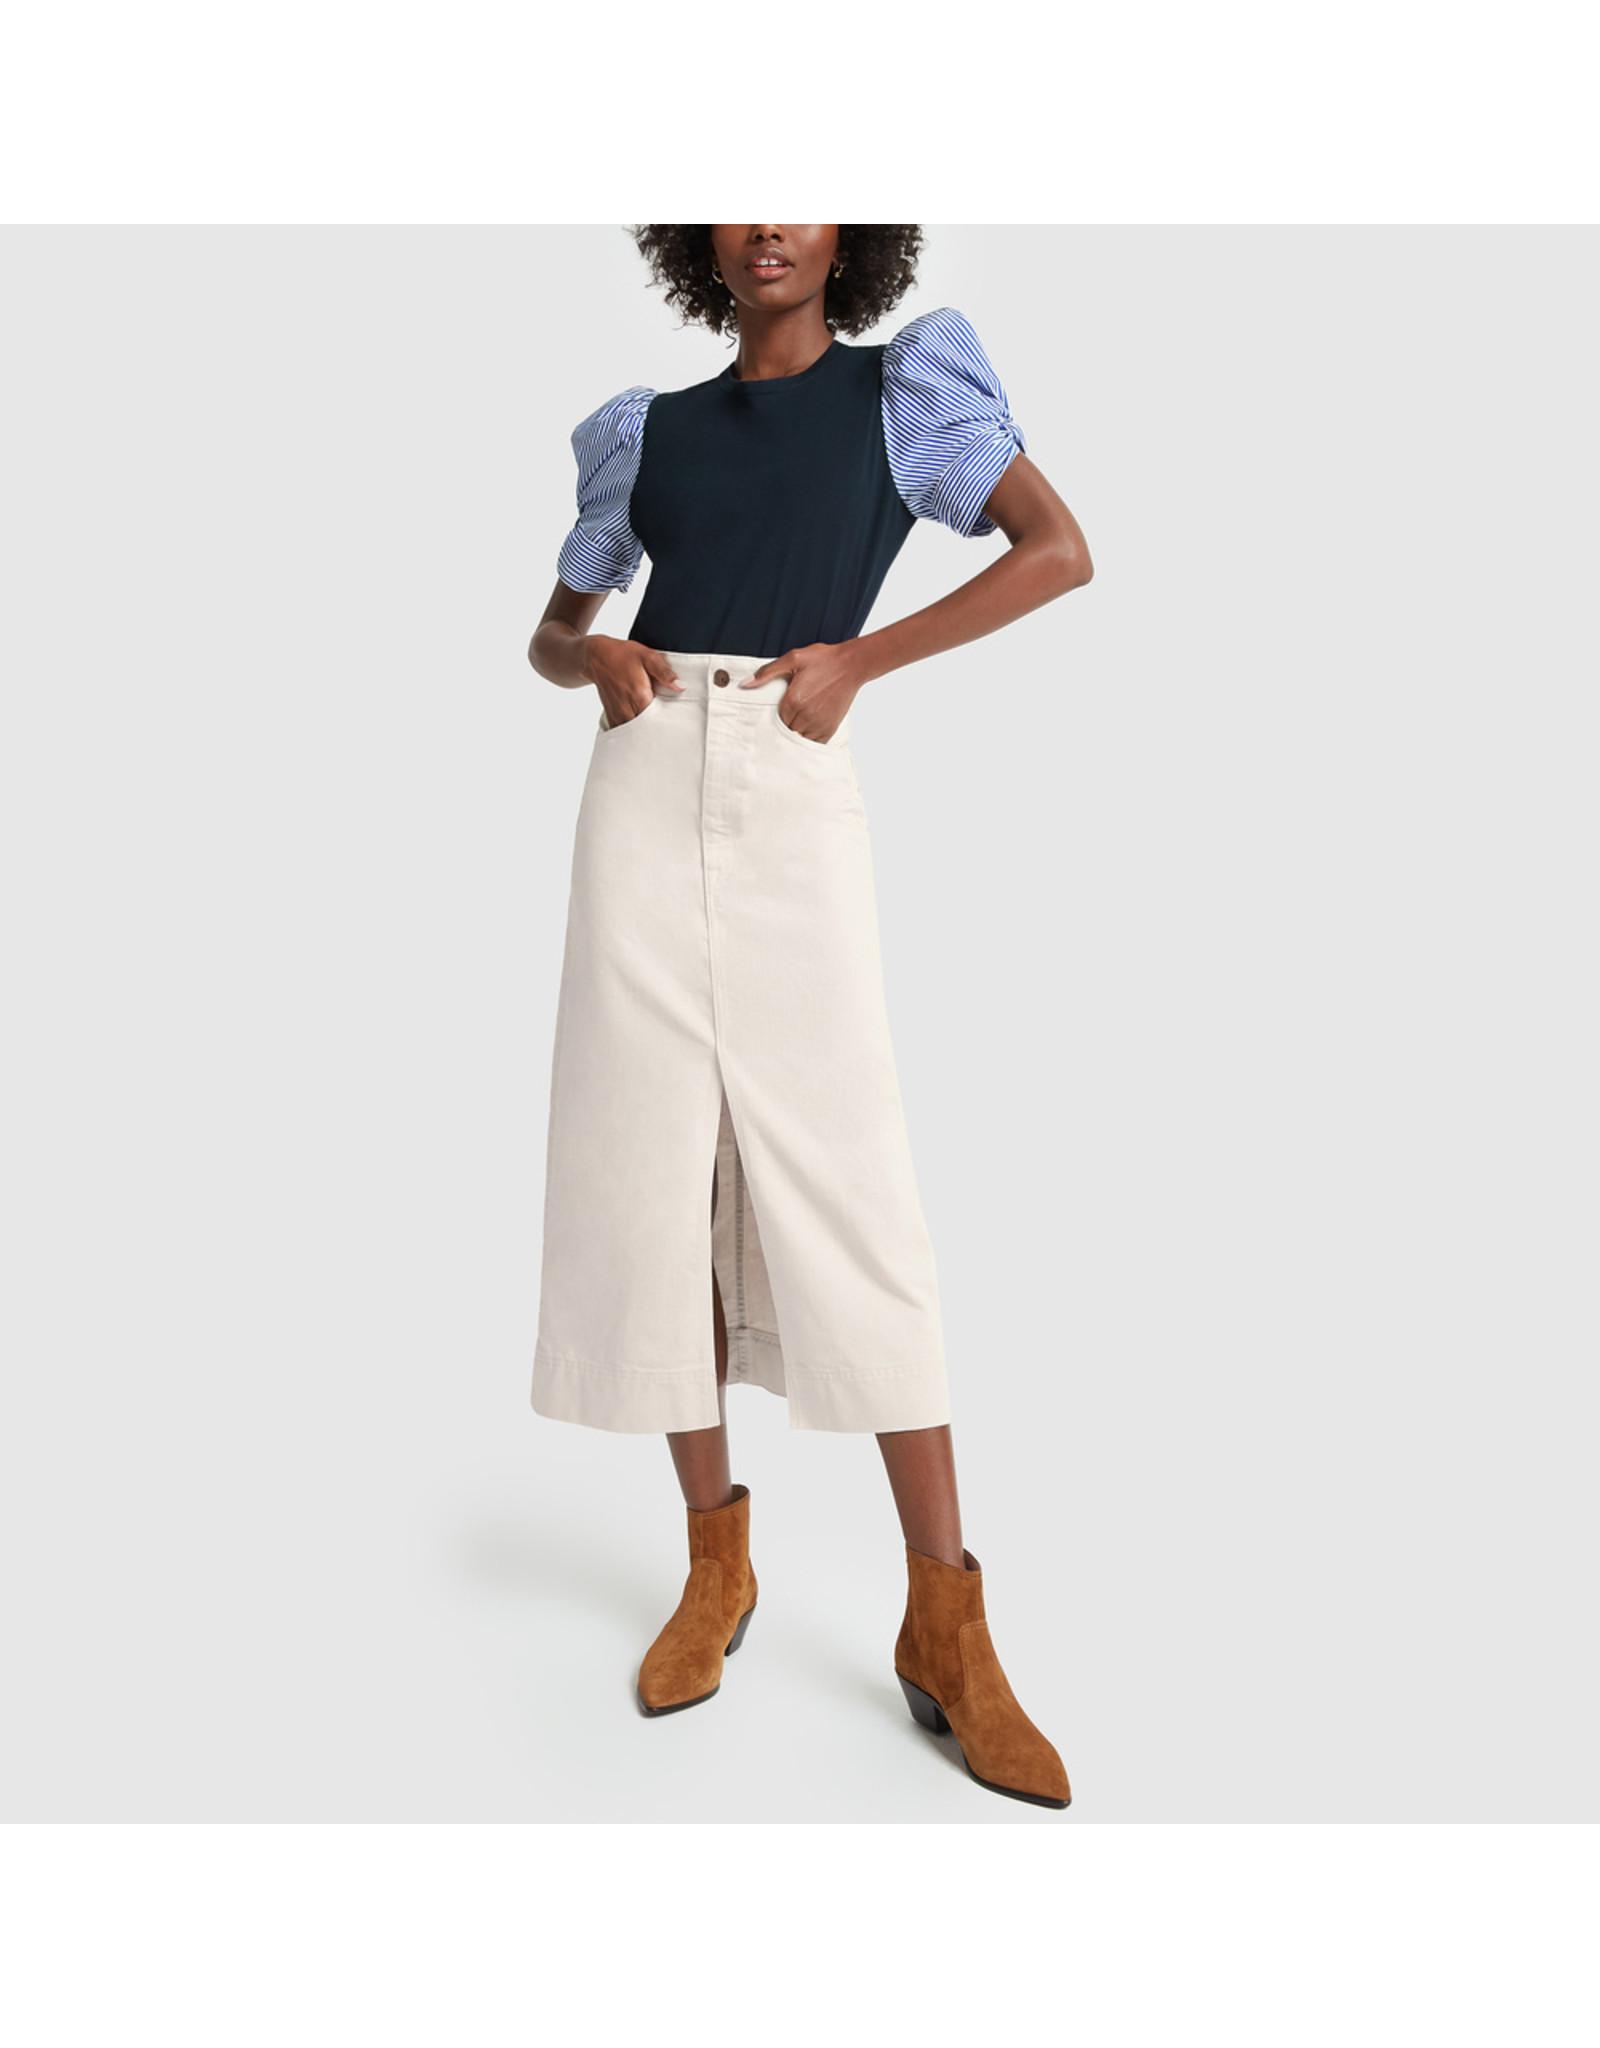 G. Label G. Label Yu Denim Pencil Skirt (Size: 27, Color: Natural)